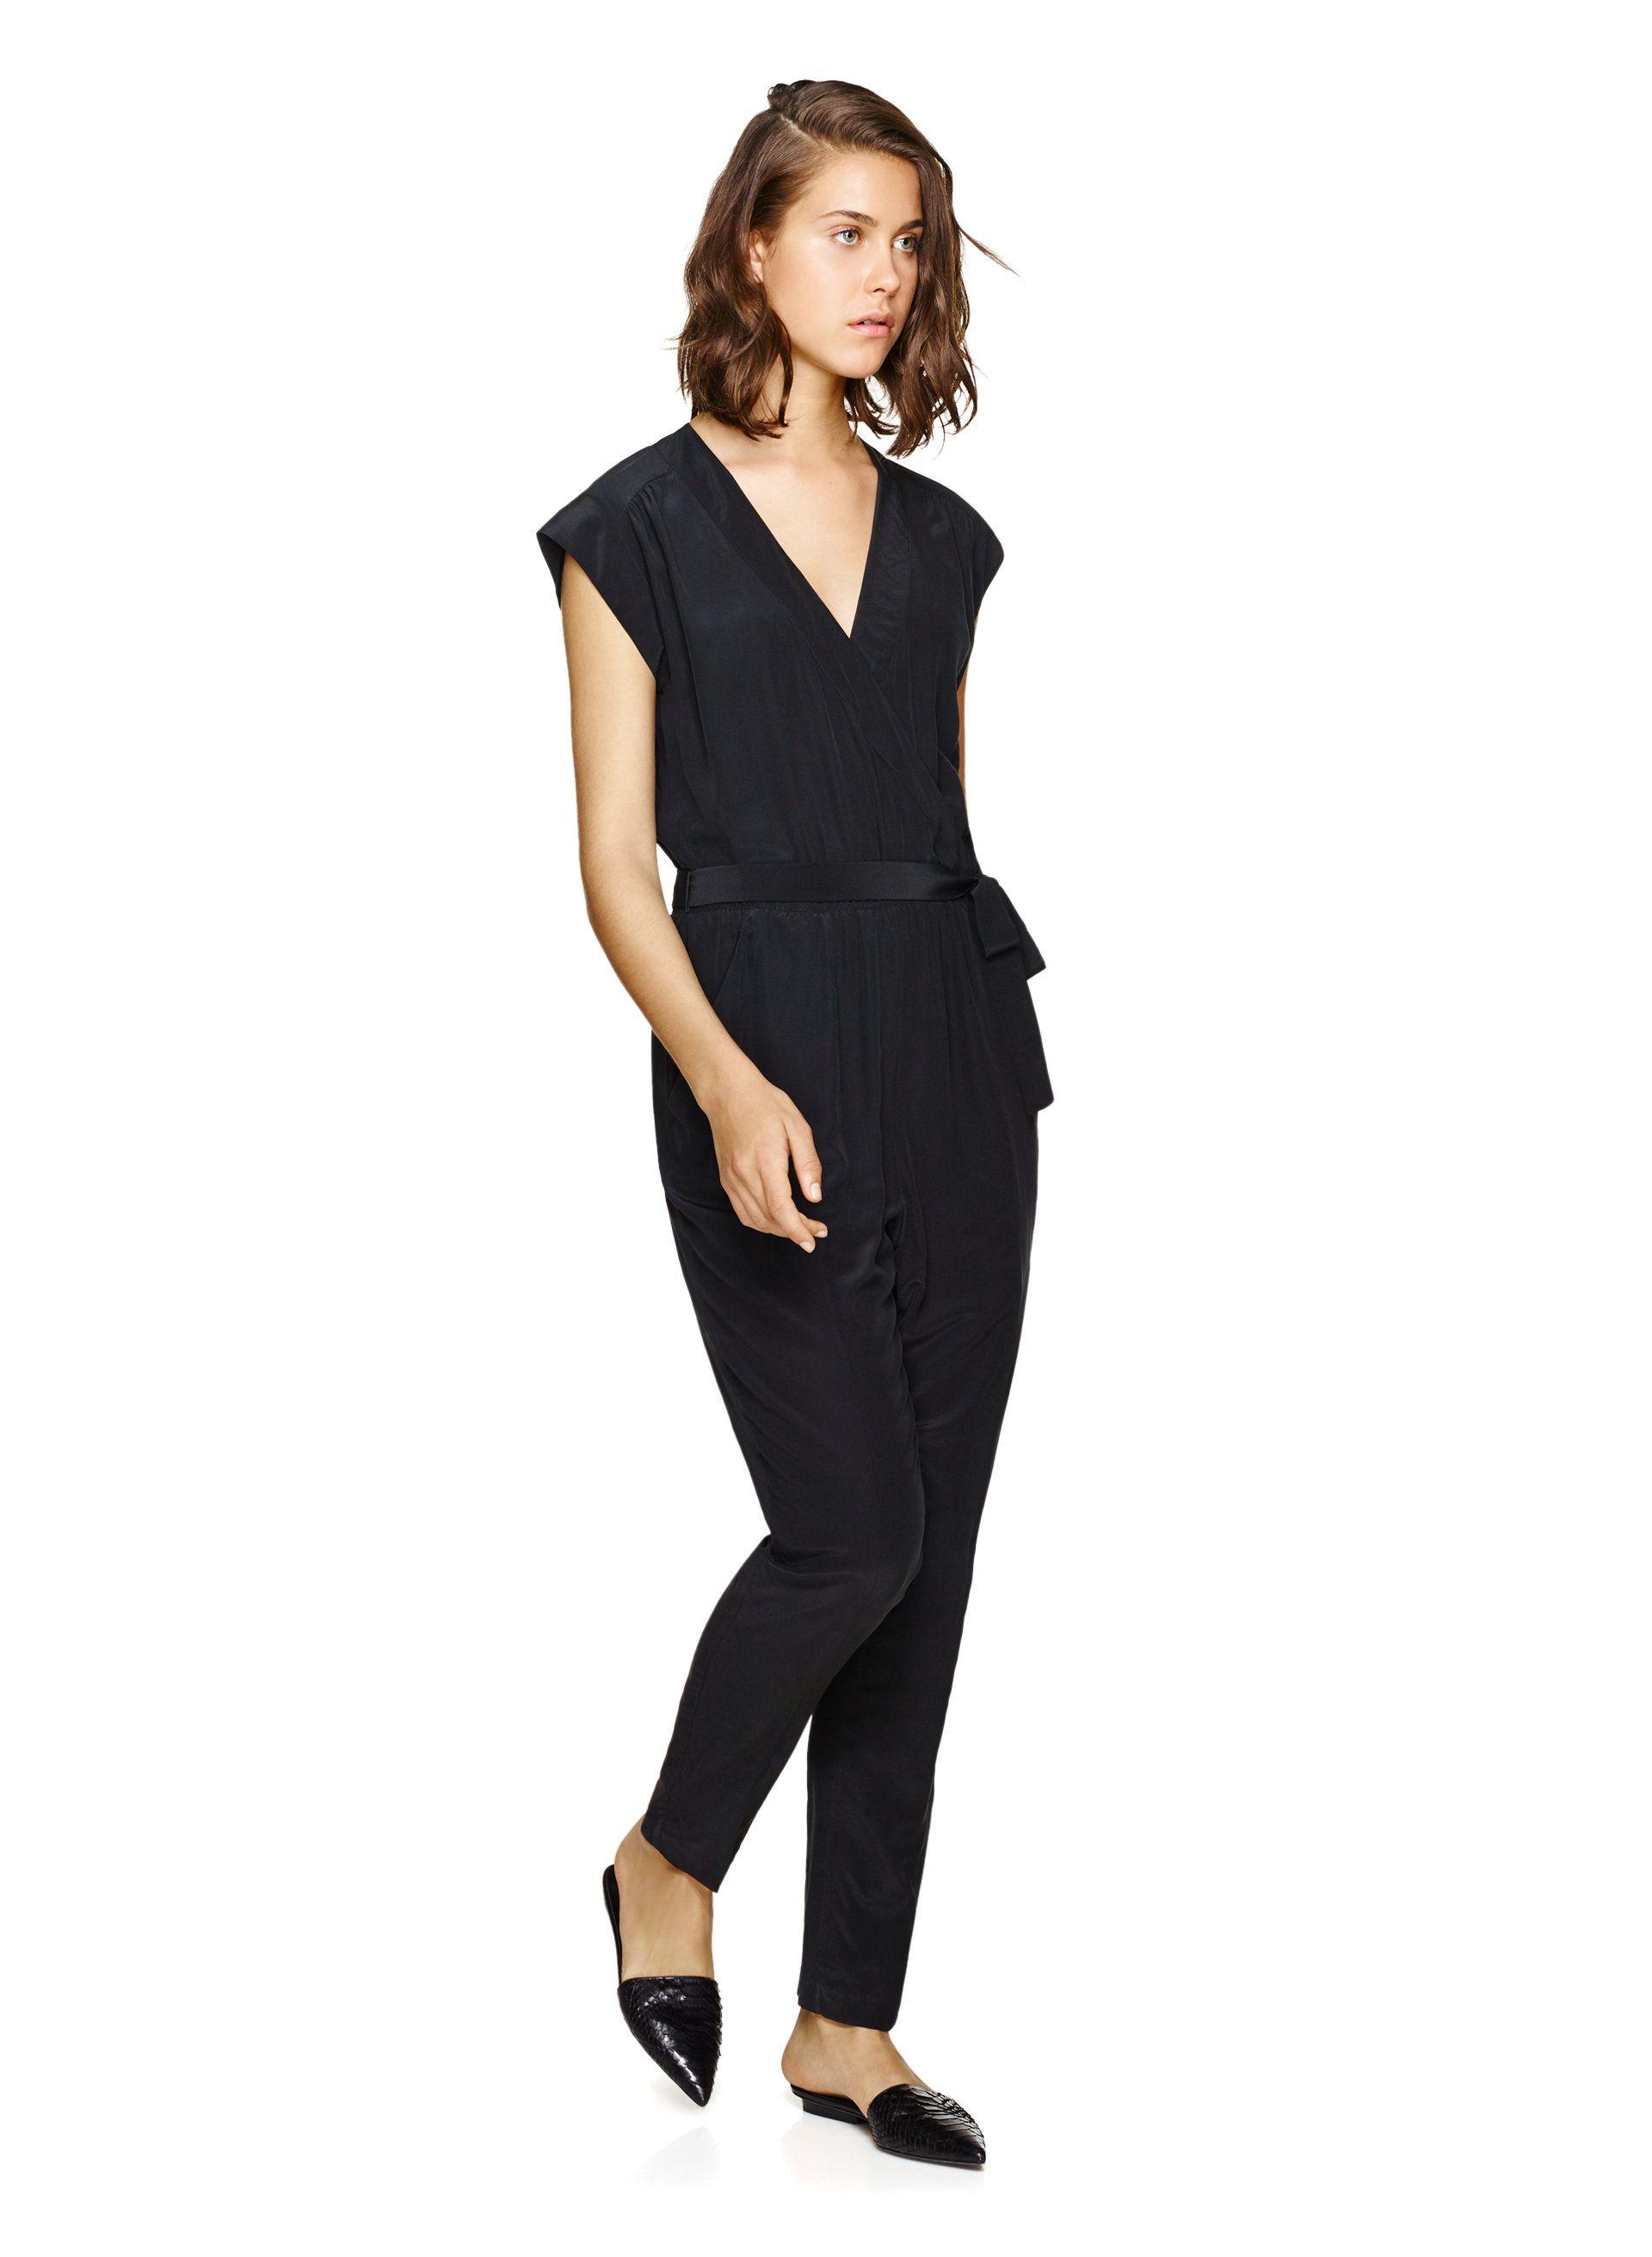 Leonardo Jumpsuit Fashion Romper Jumpsuits Fashion Outfits Jumpsuit